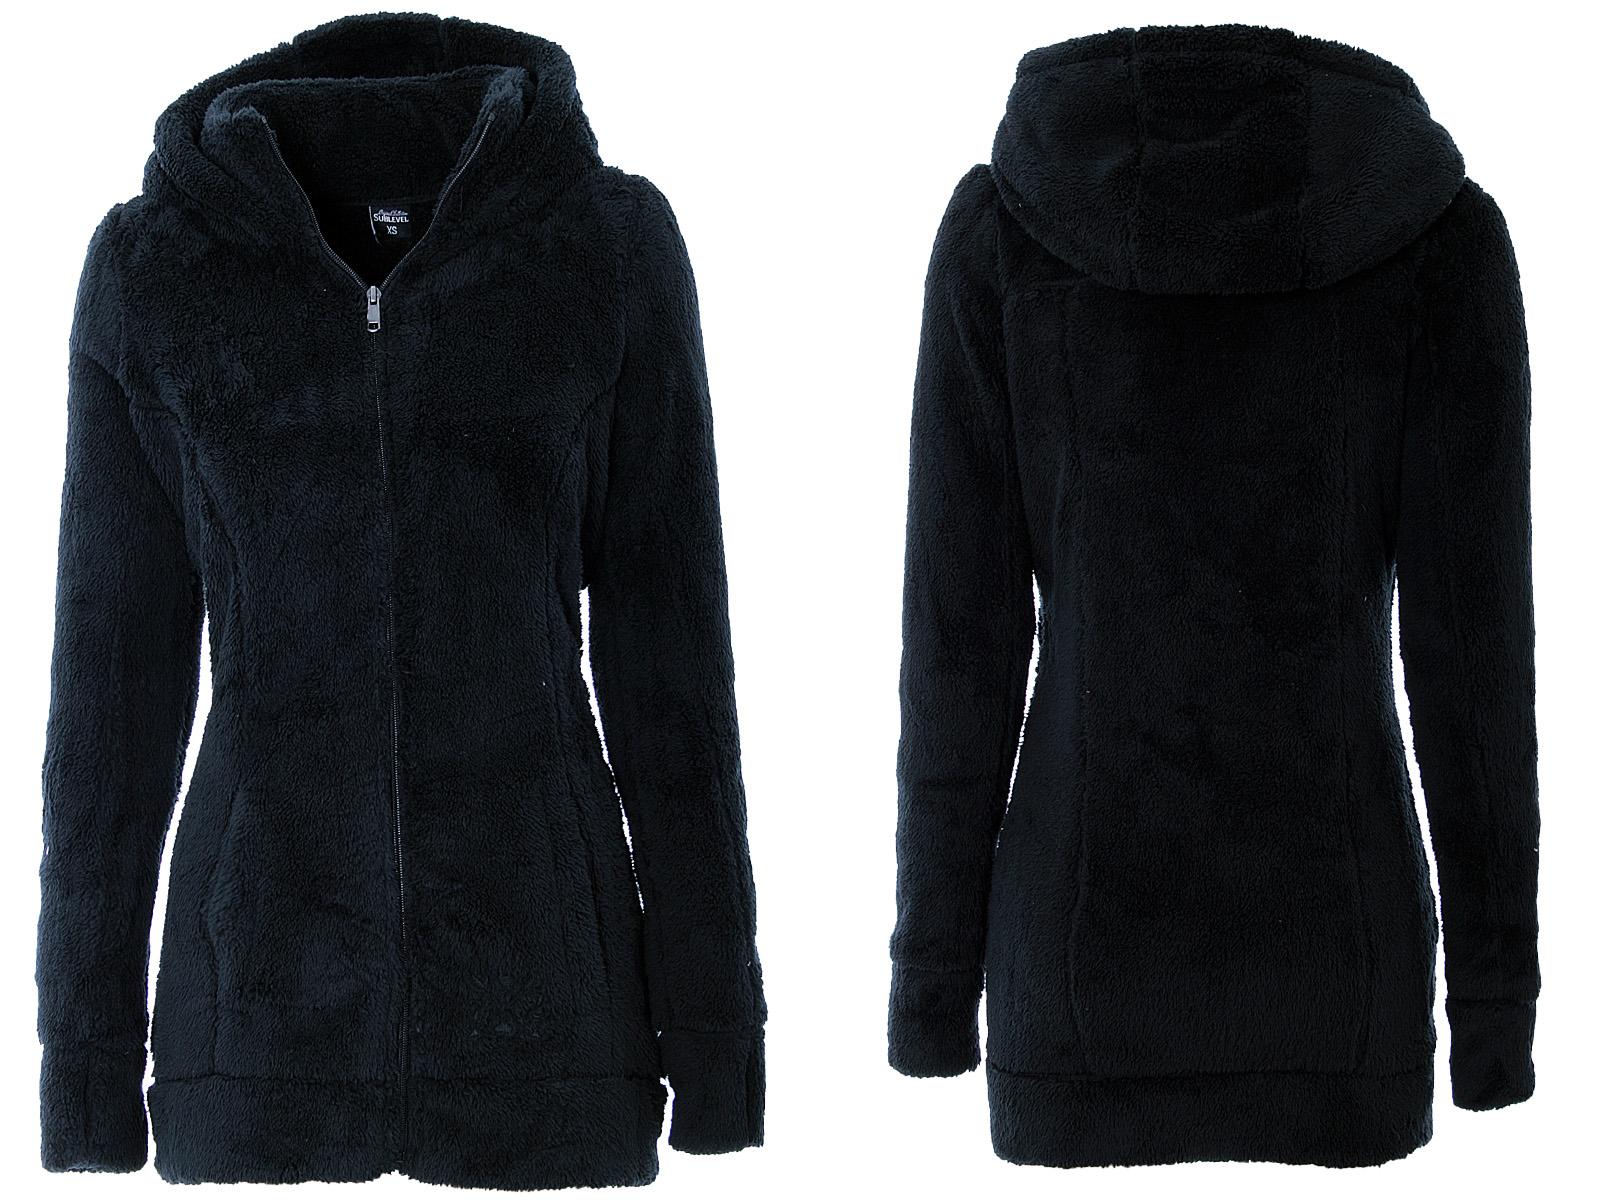 ladies teddy fleece coat long warm fleece jacket hoodie. Black Bedroom Furniture Sets. Home Design Ideas